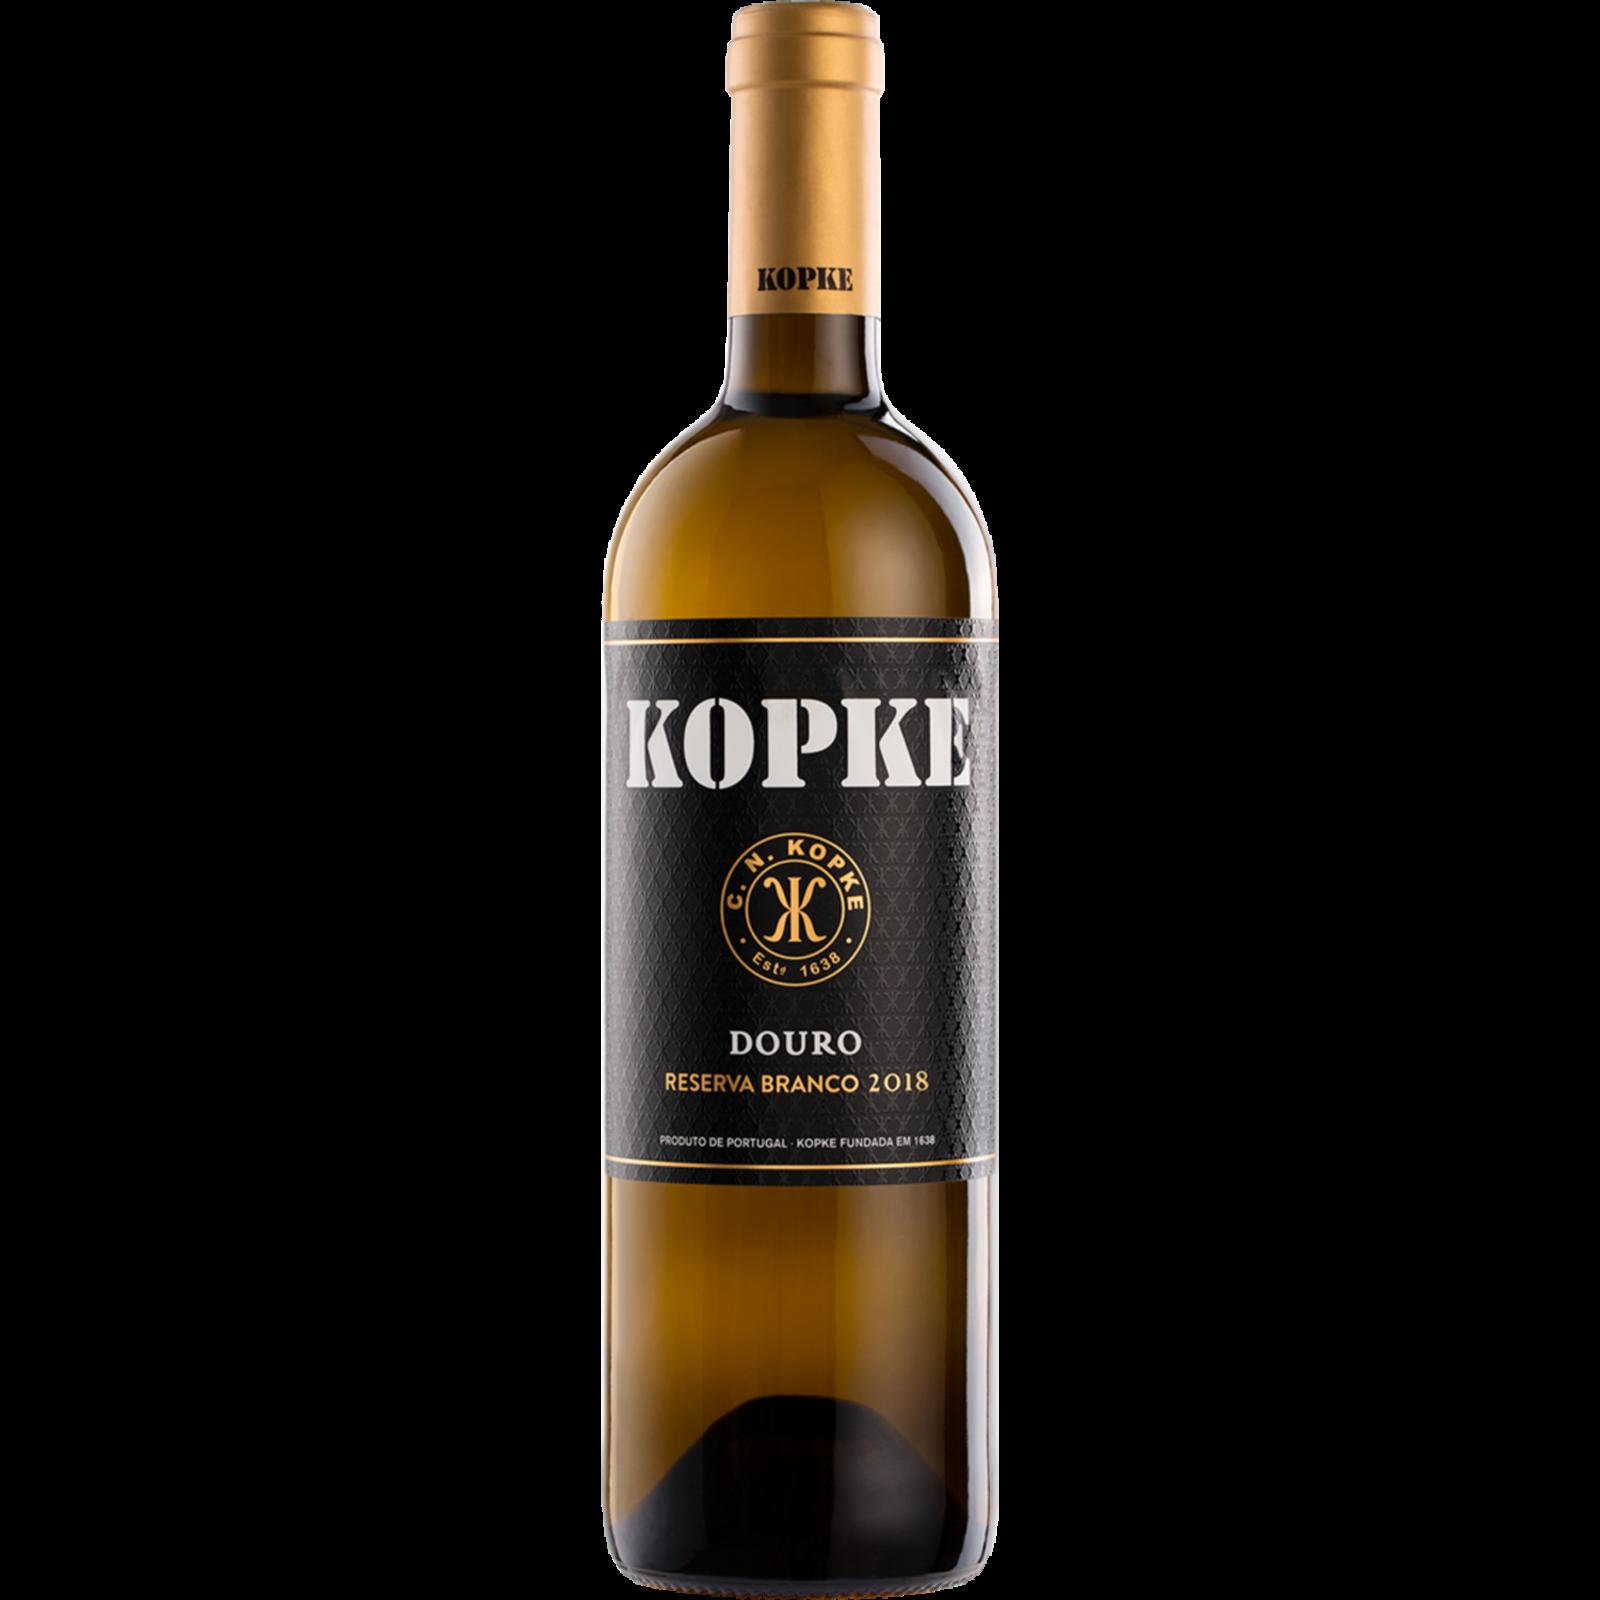 Kopke Kopke Douro Branco Reserva 2018